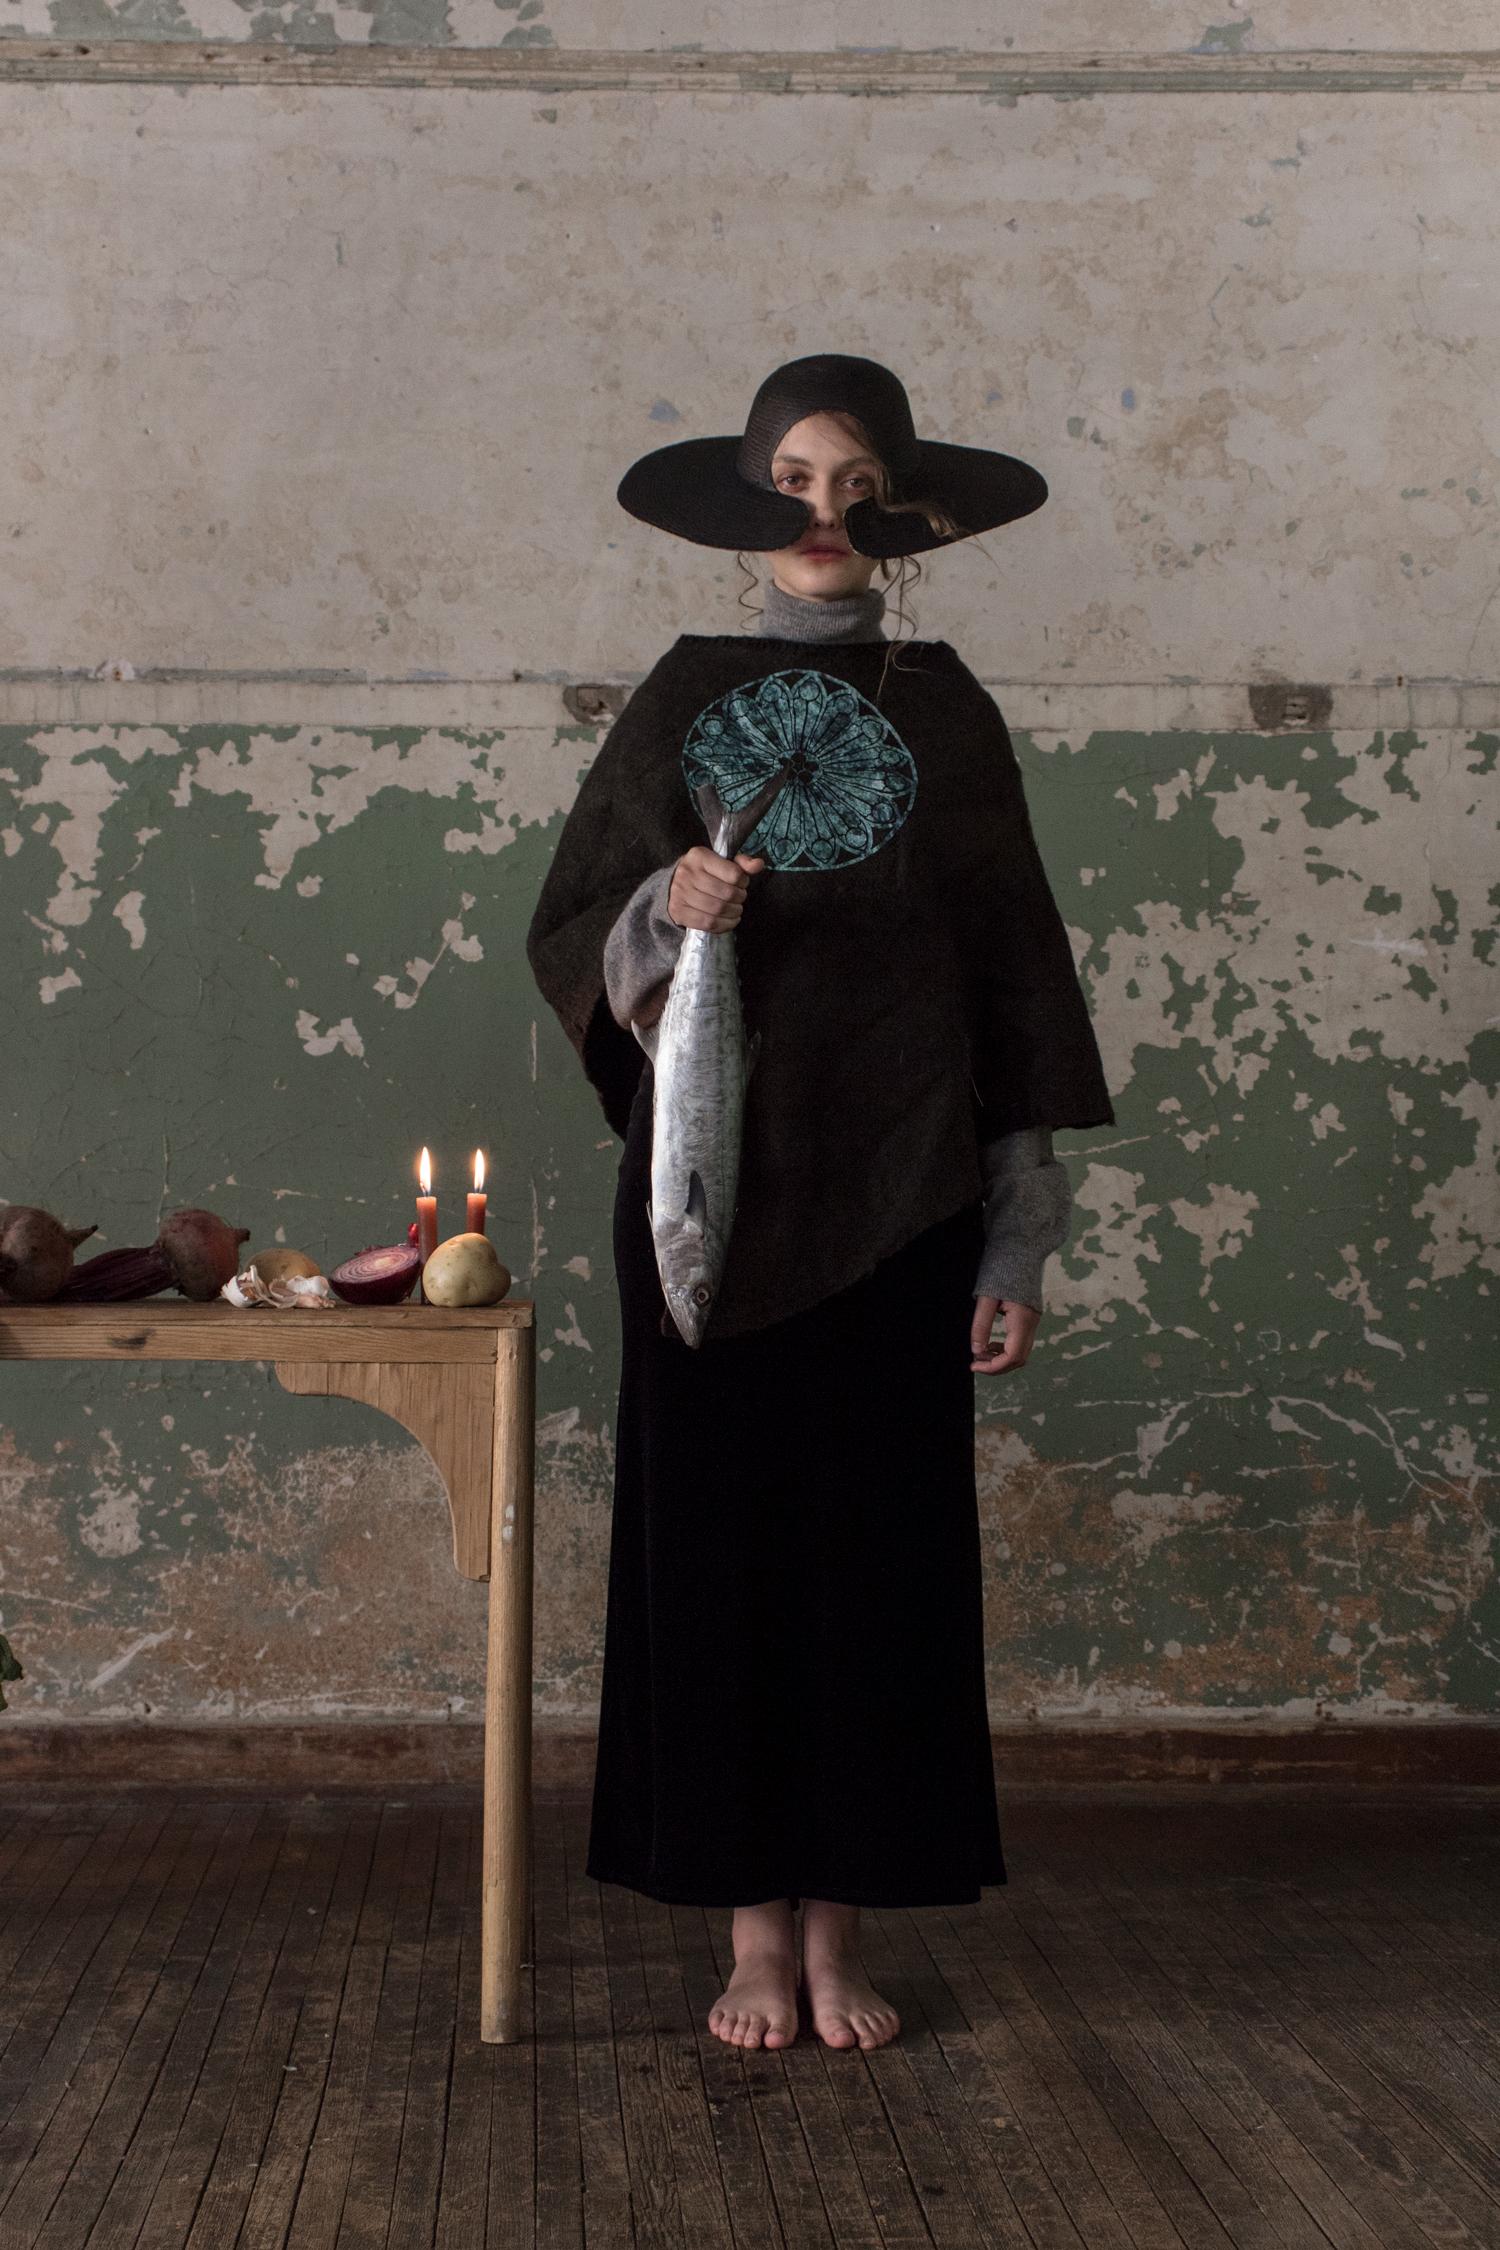 Suéter gris de Pringle of Scotland. Sombrero y quexquémitl con seda de Melanie Brunch. Falda de Terciopelo Vintage.